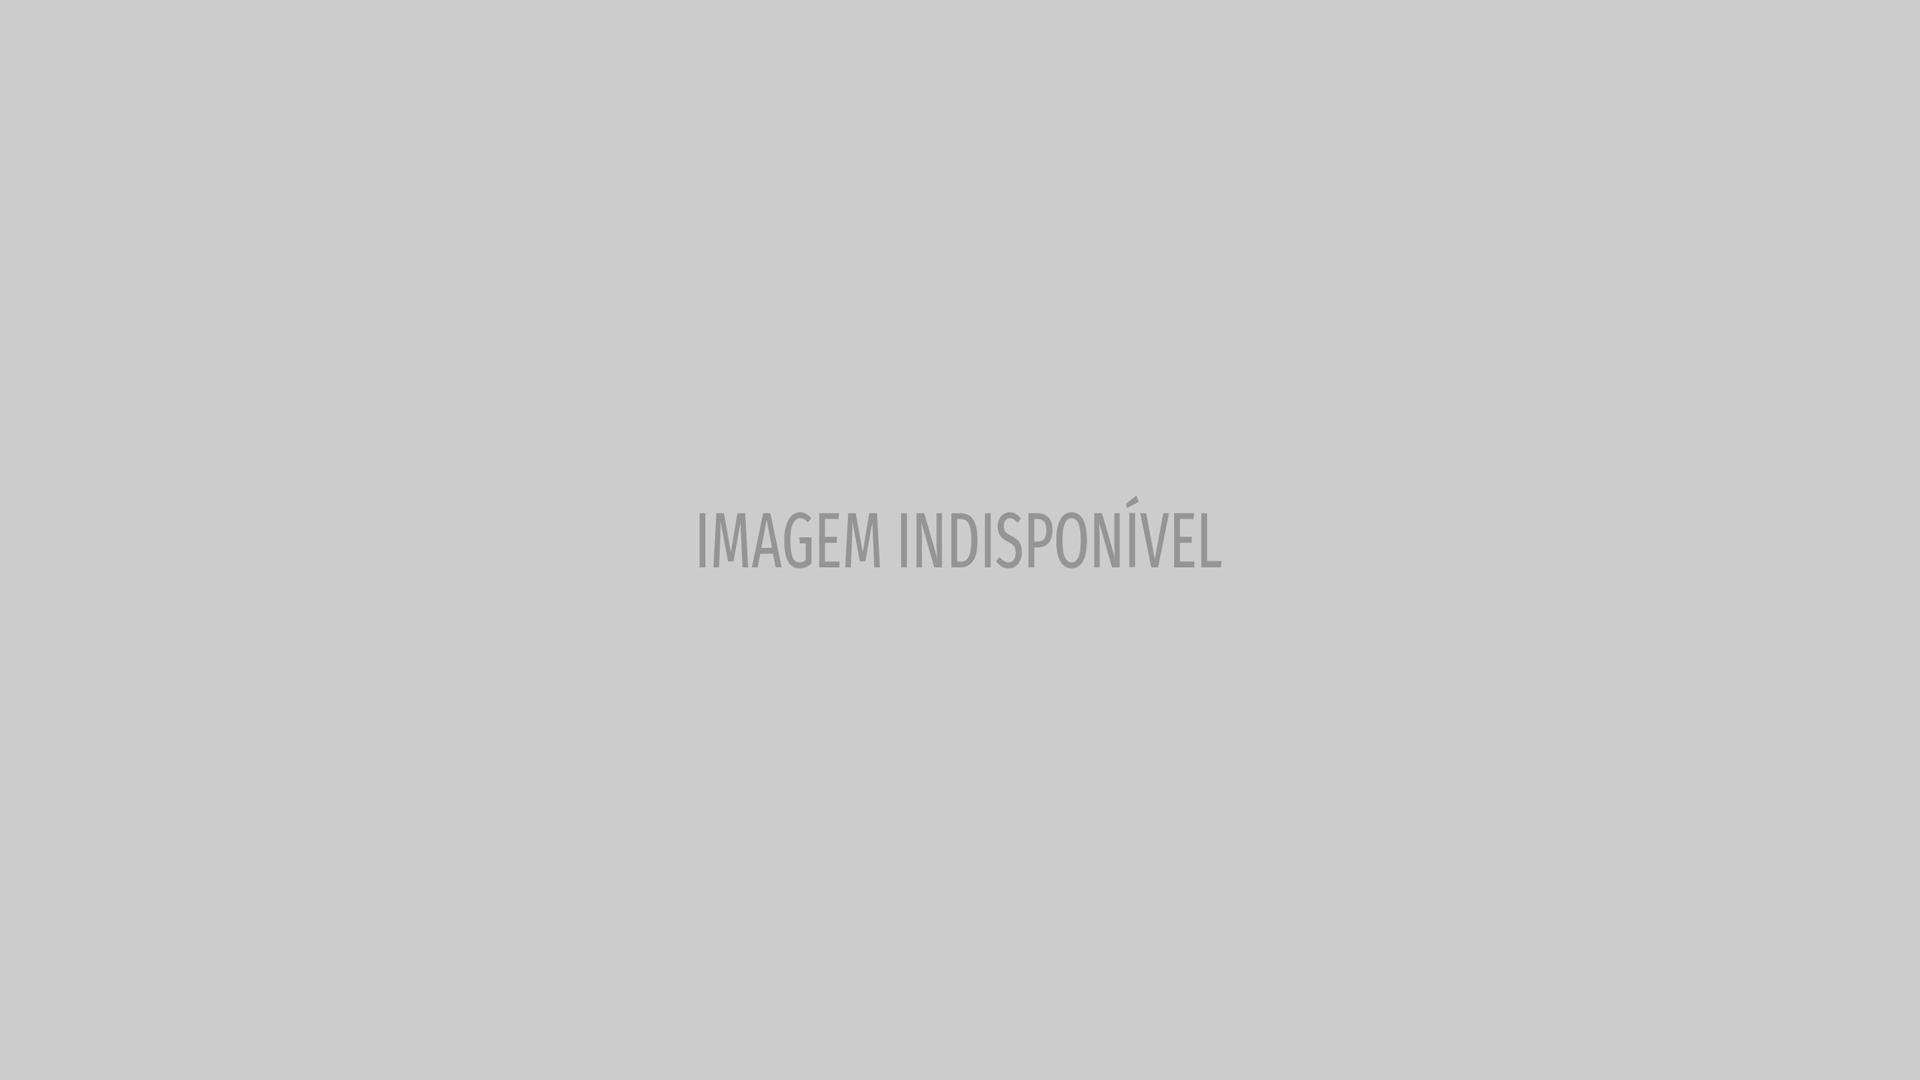 Vídeo: Atriz de sete anos Lexi Rabe pede que parem de a maltratar